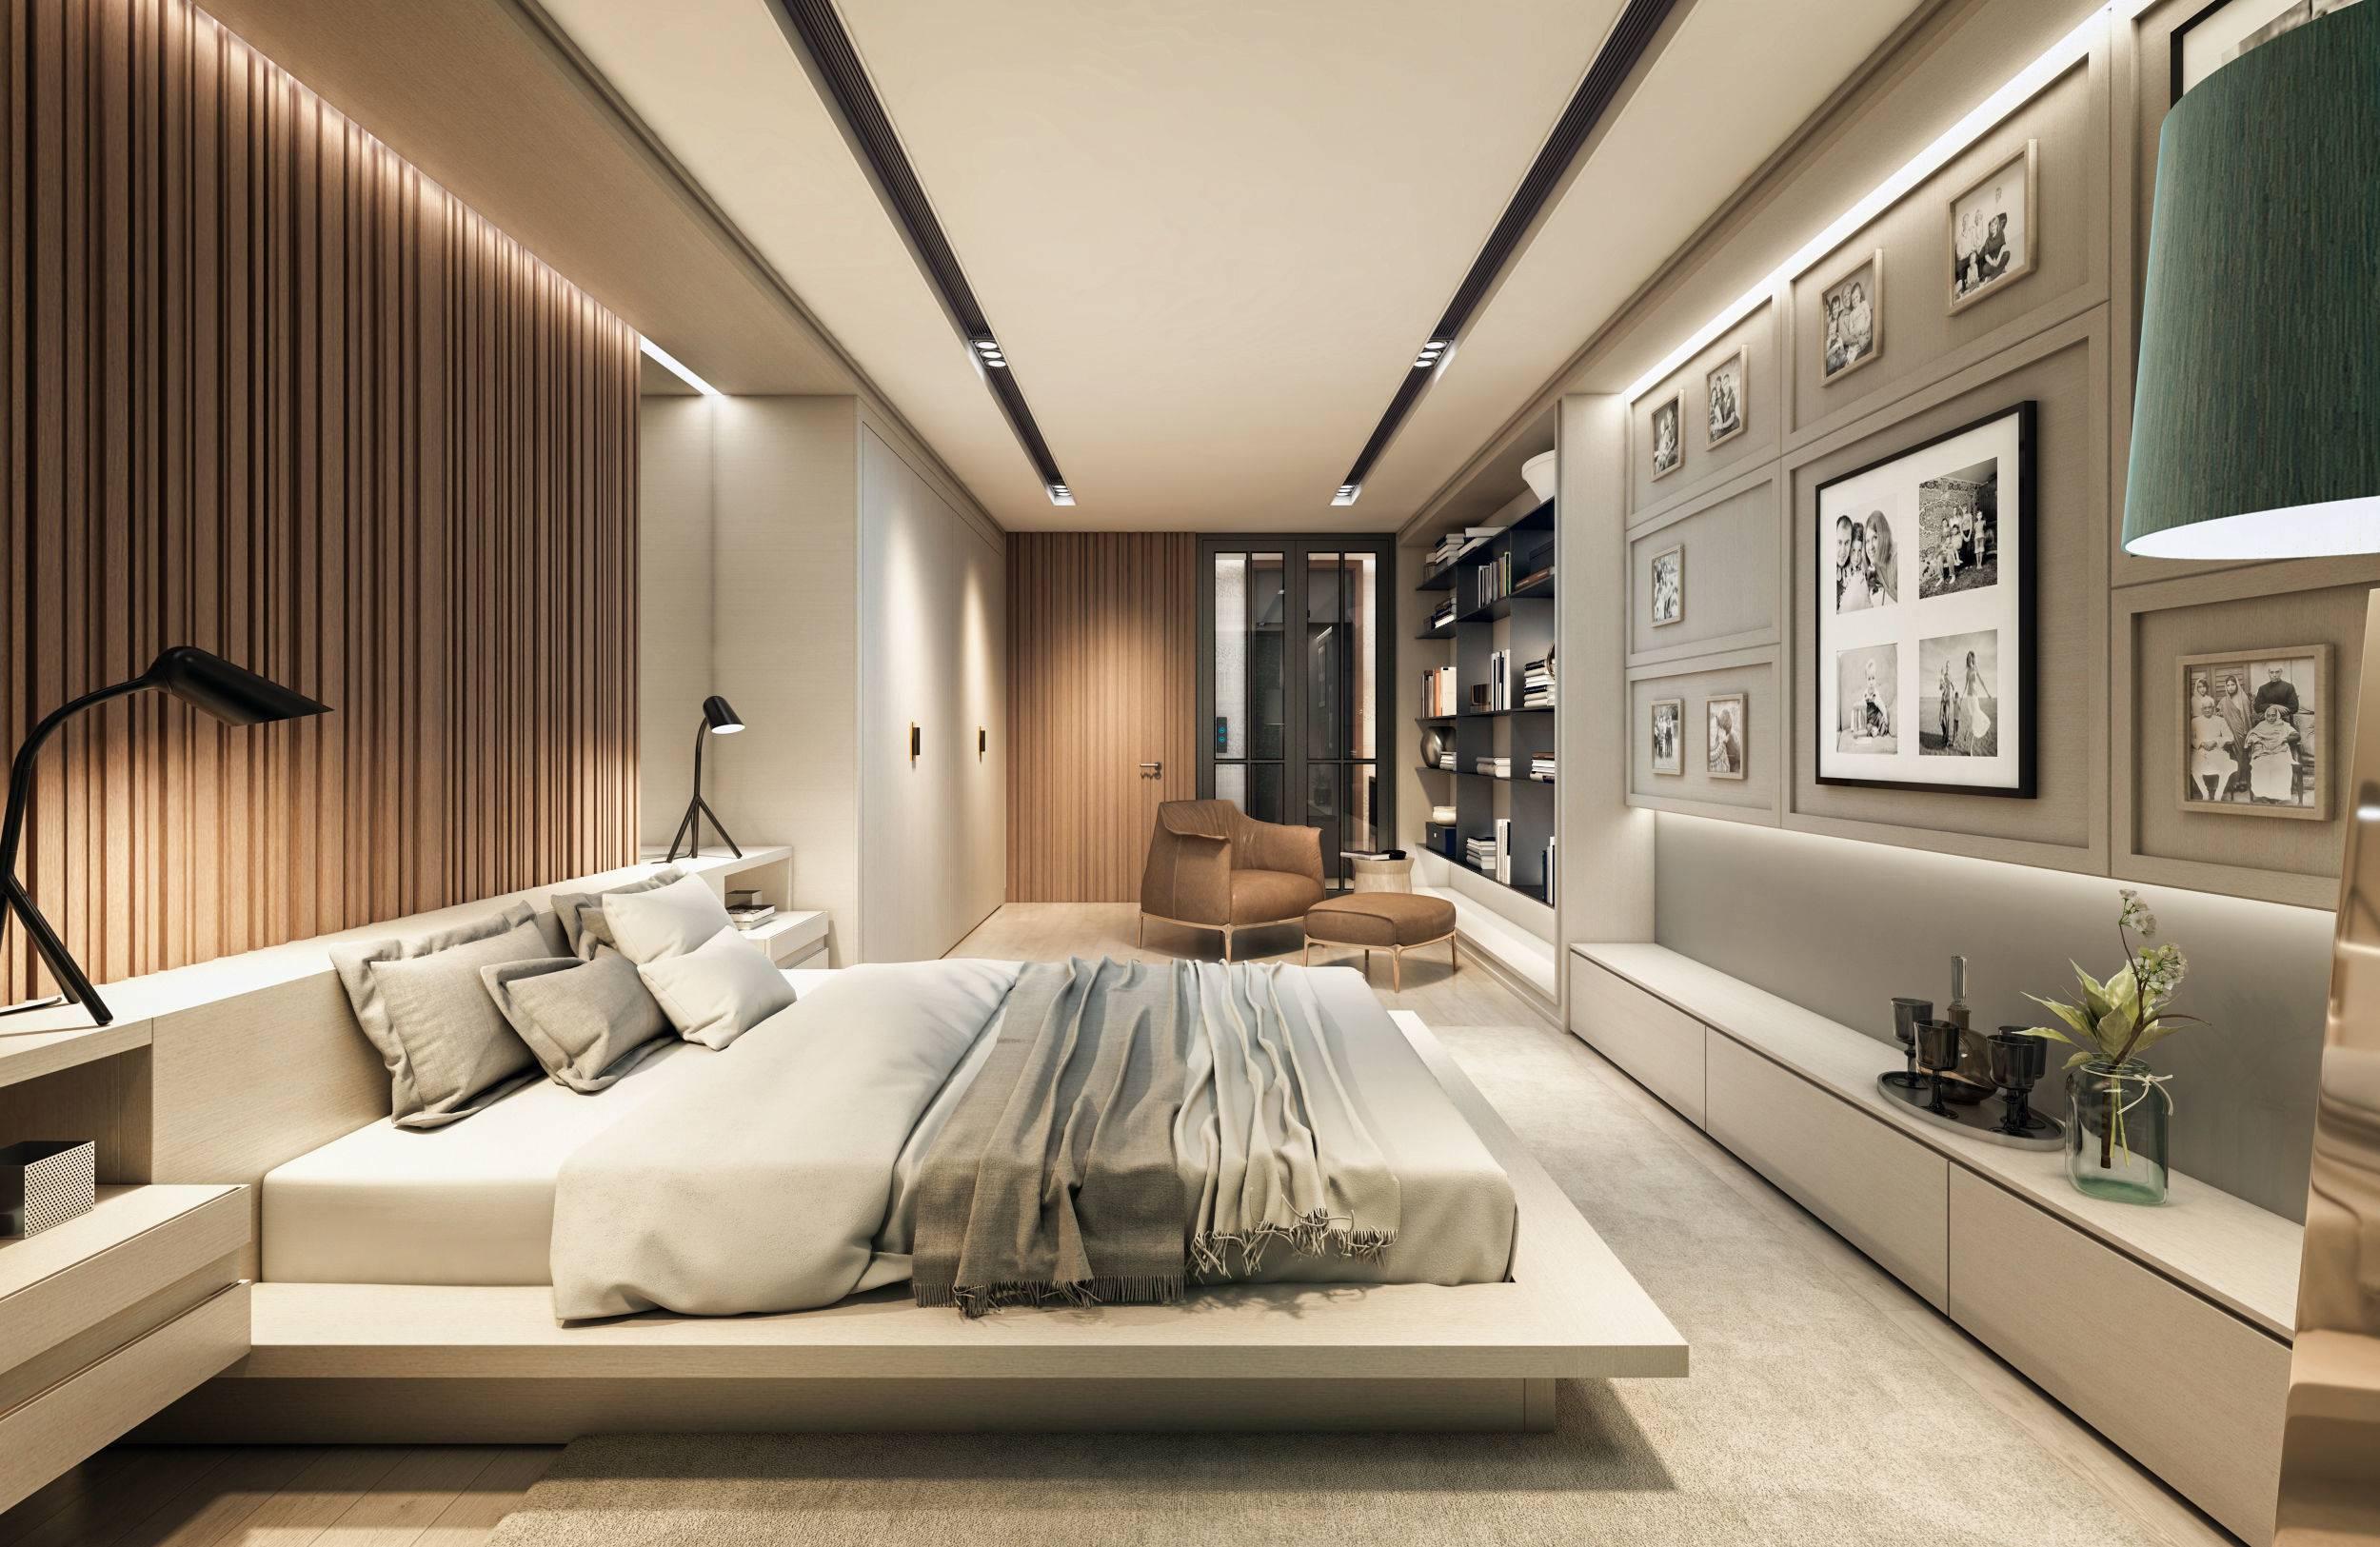 ct master bedroom 3d model max fbx